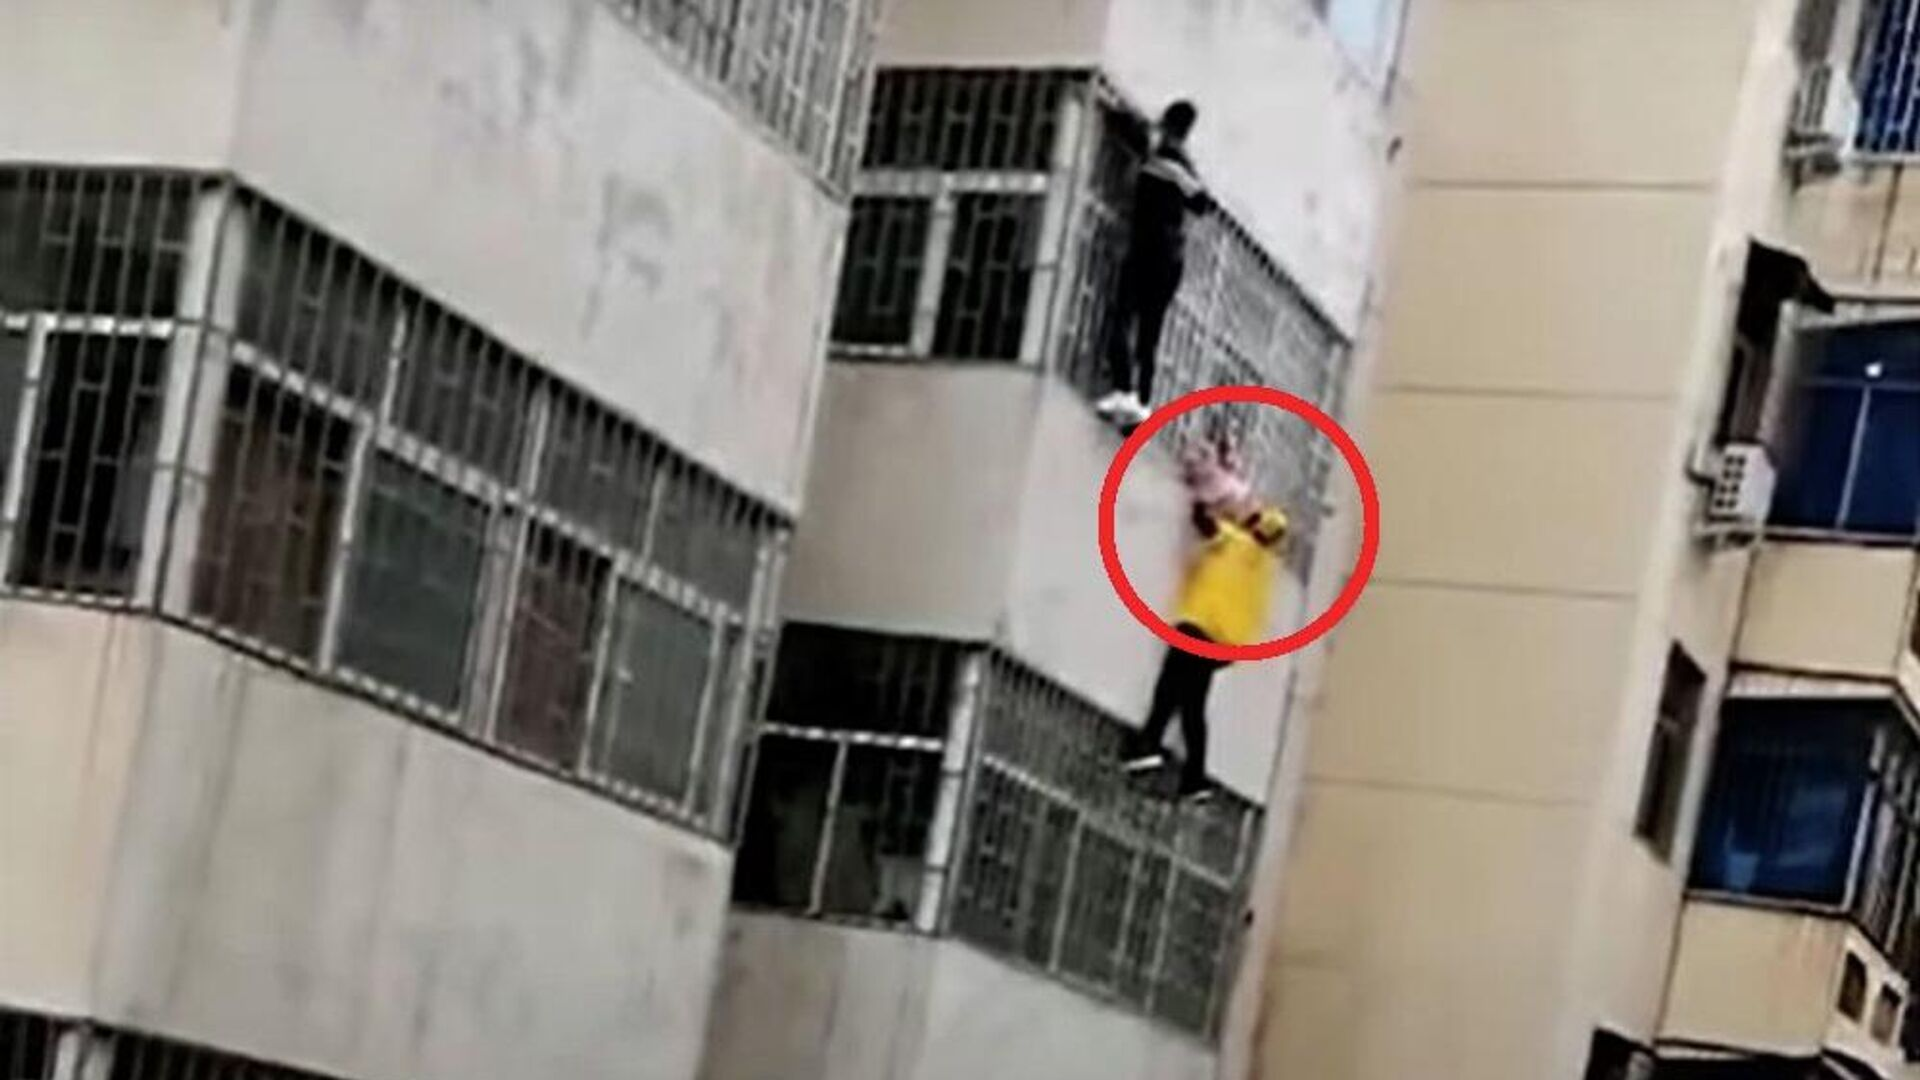 Ντελιβεράς σώζει κοριτσάκι που κρέμεται από τον τρίτο όροφο στην Κίνα - Sputnik Ελλάδα, 1920, 14.10.2021